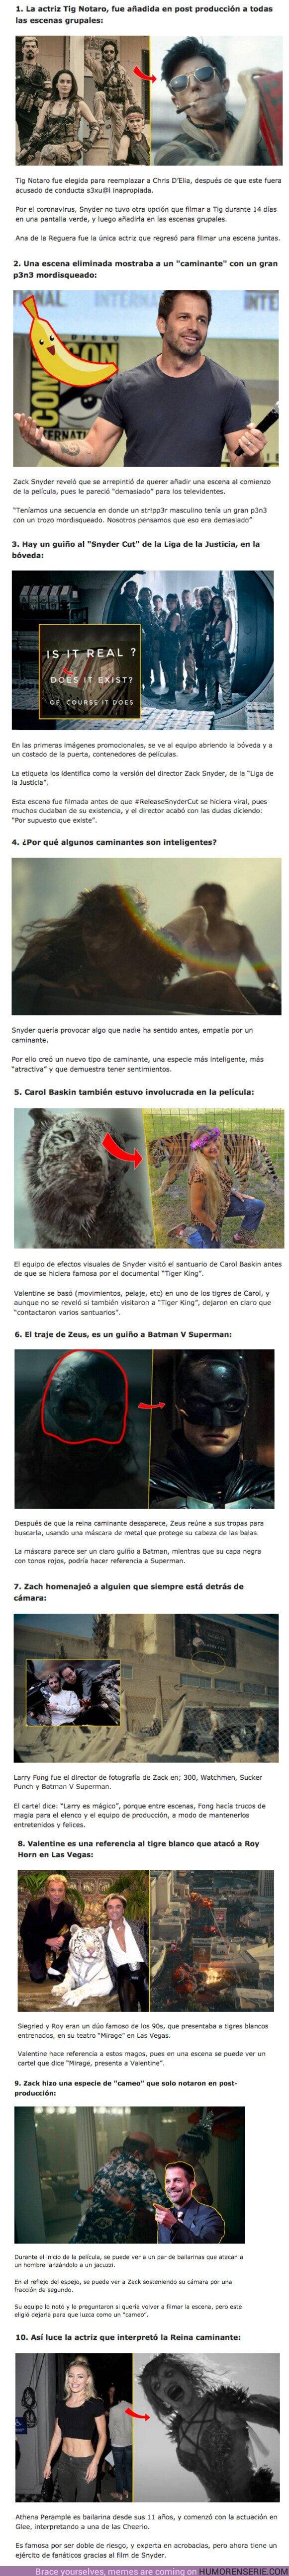 """74330 - GALERÍA: 10 Curiosidades sin spoilers sobre """"Army of the Dead"""" de Zack Snyder"""